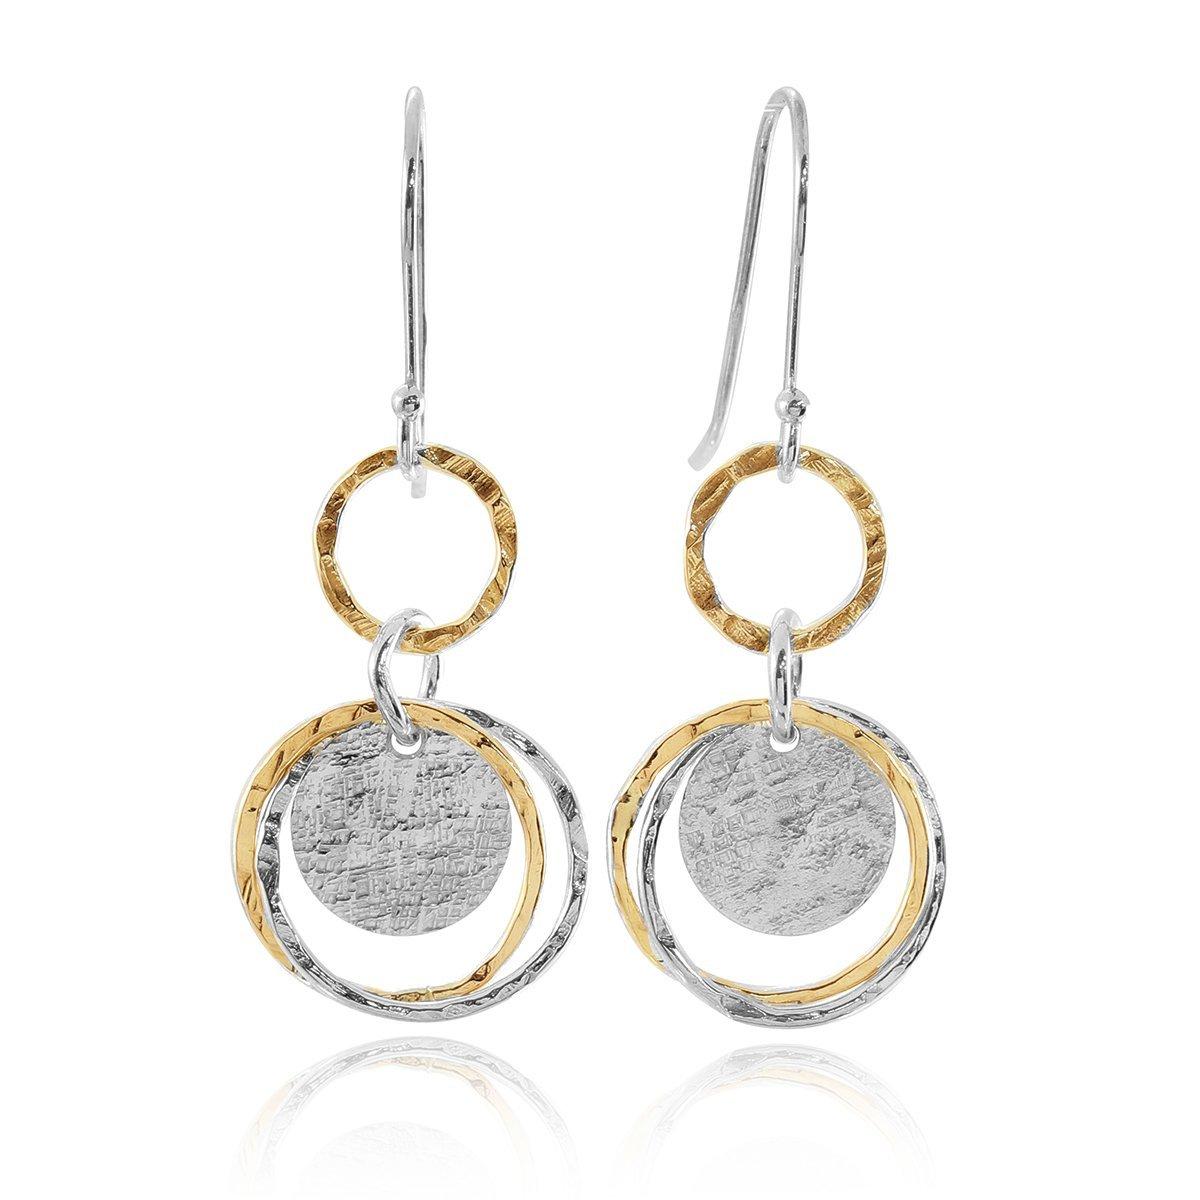 Delightful Two Tone Earring 925 Sterling Silver & 14k Gold Filled Multi Circle Women's Dangle Earrings